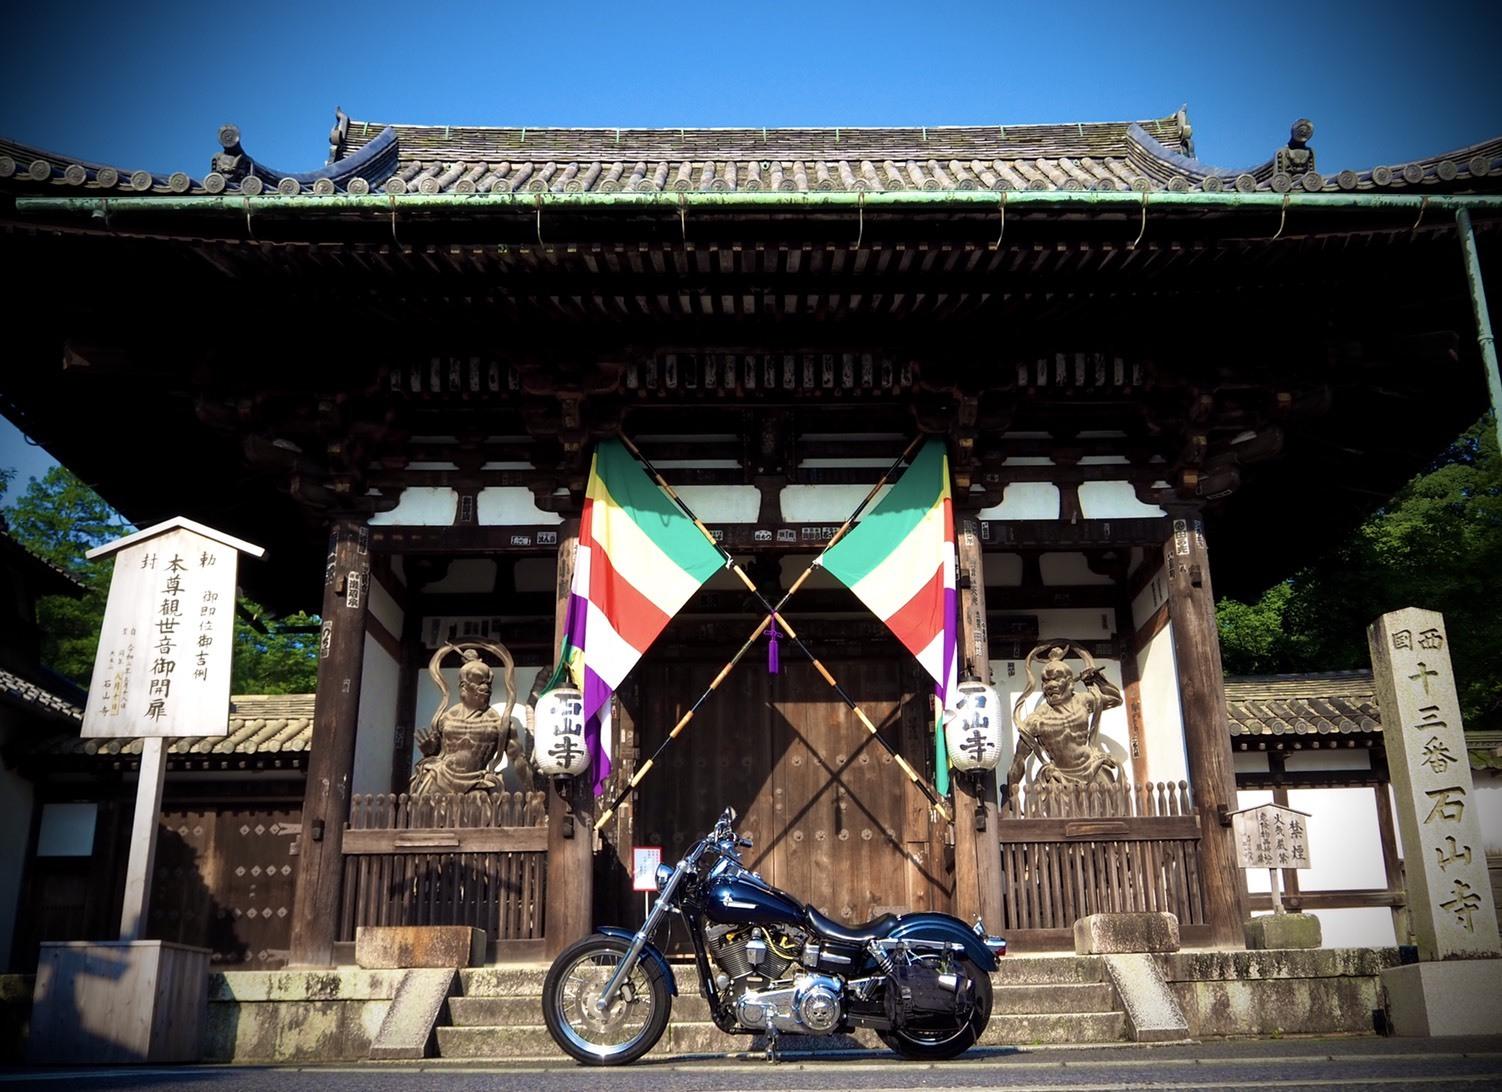 harleydavidson-motorcycle-touring-blog-lakebiwa-oneround-ishiyamashrine.jpg